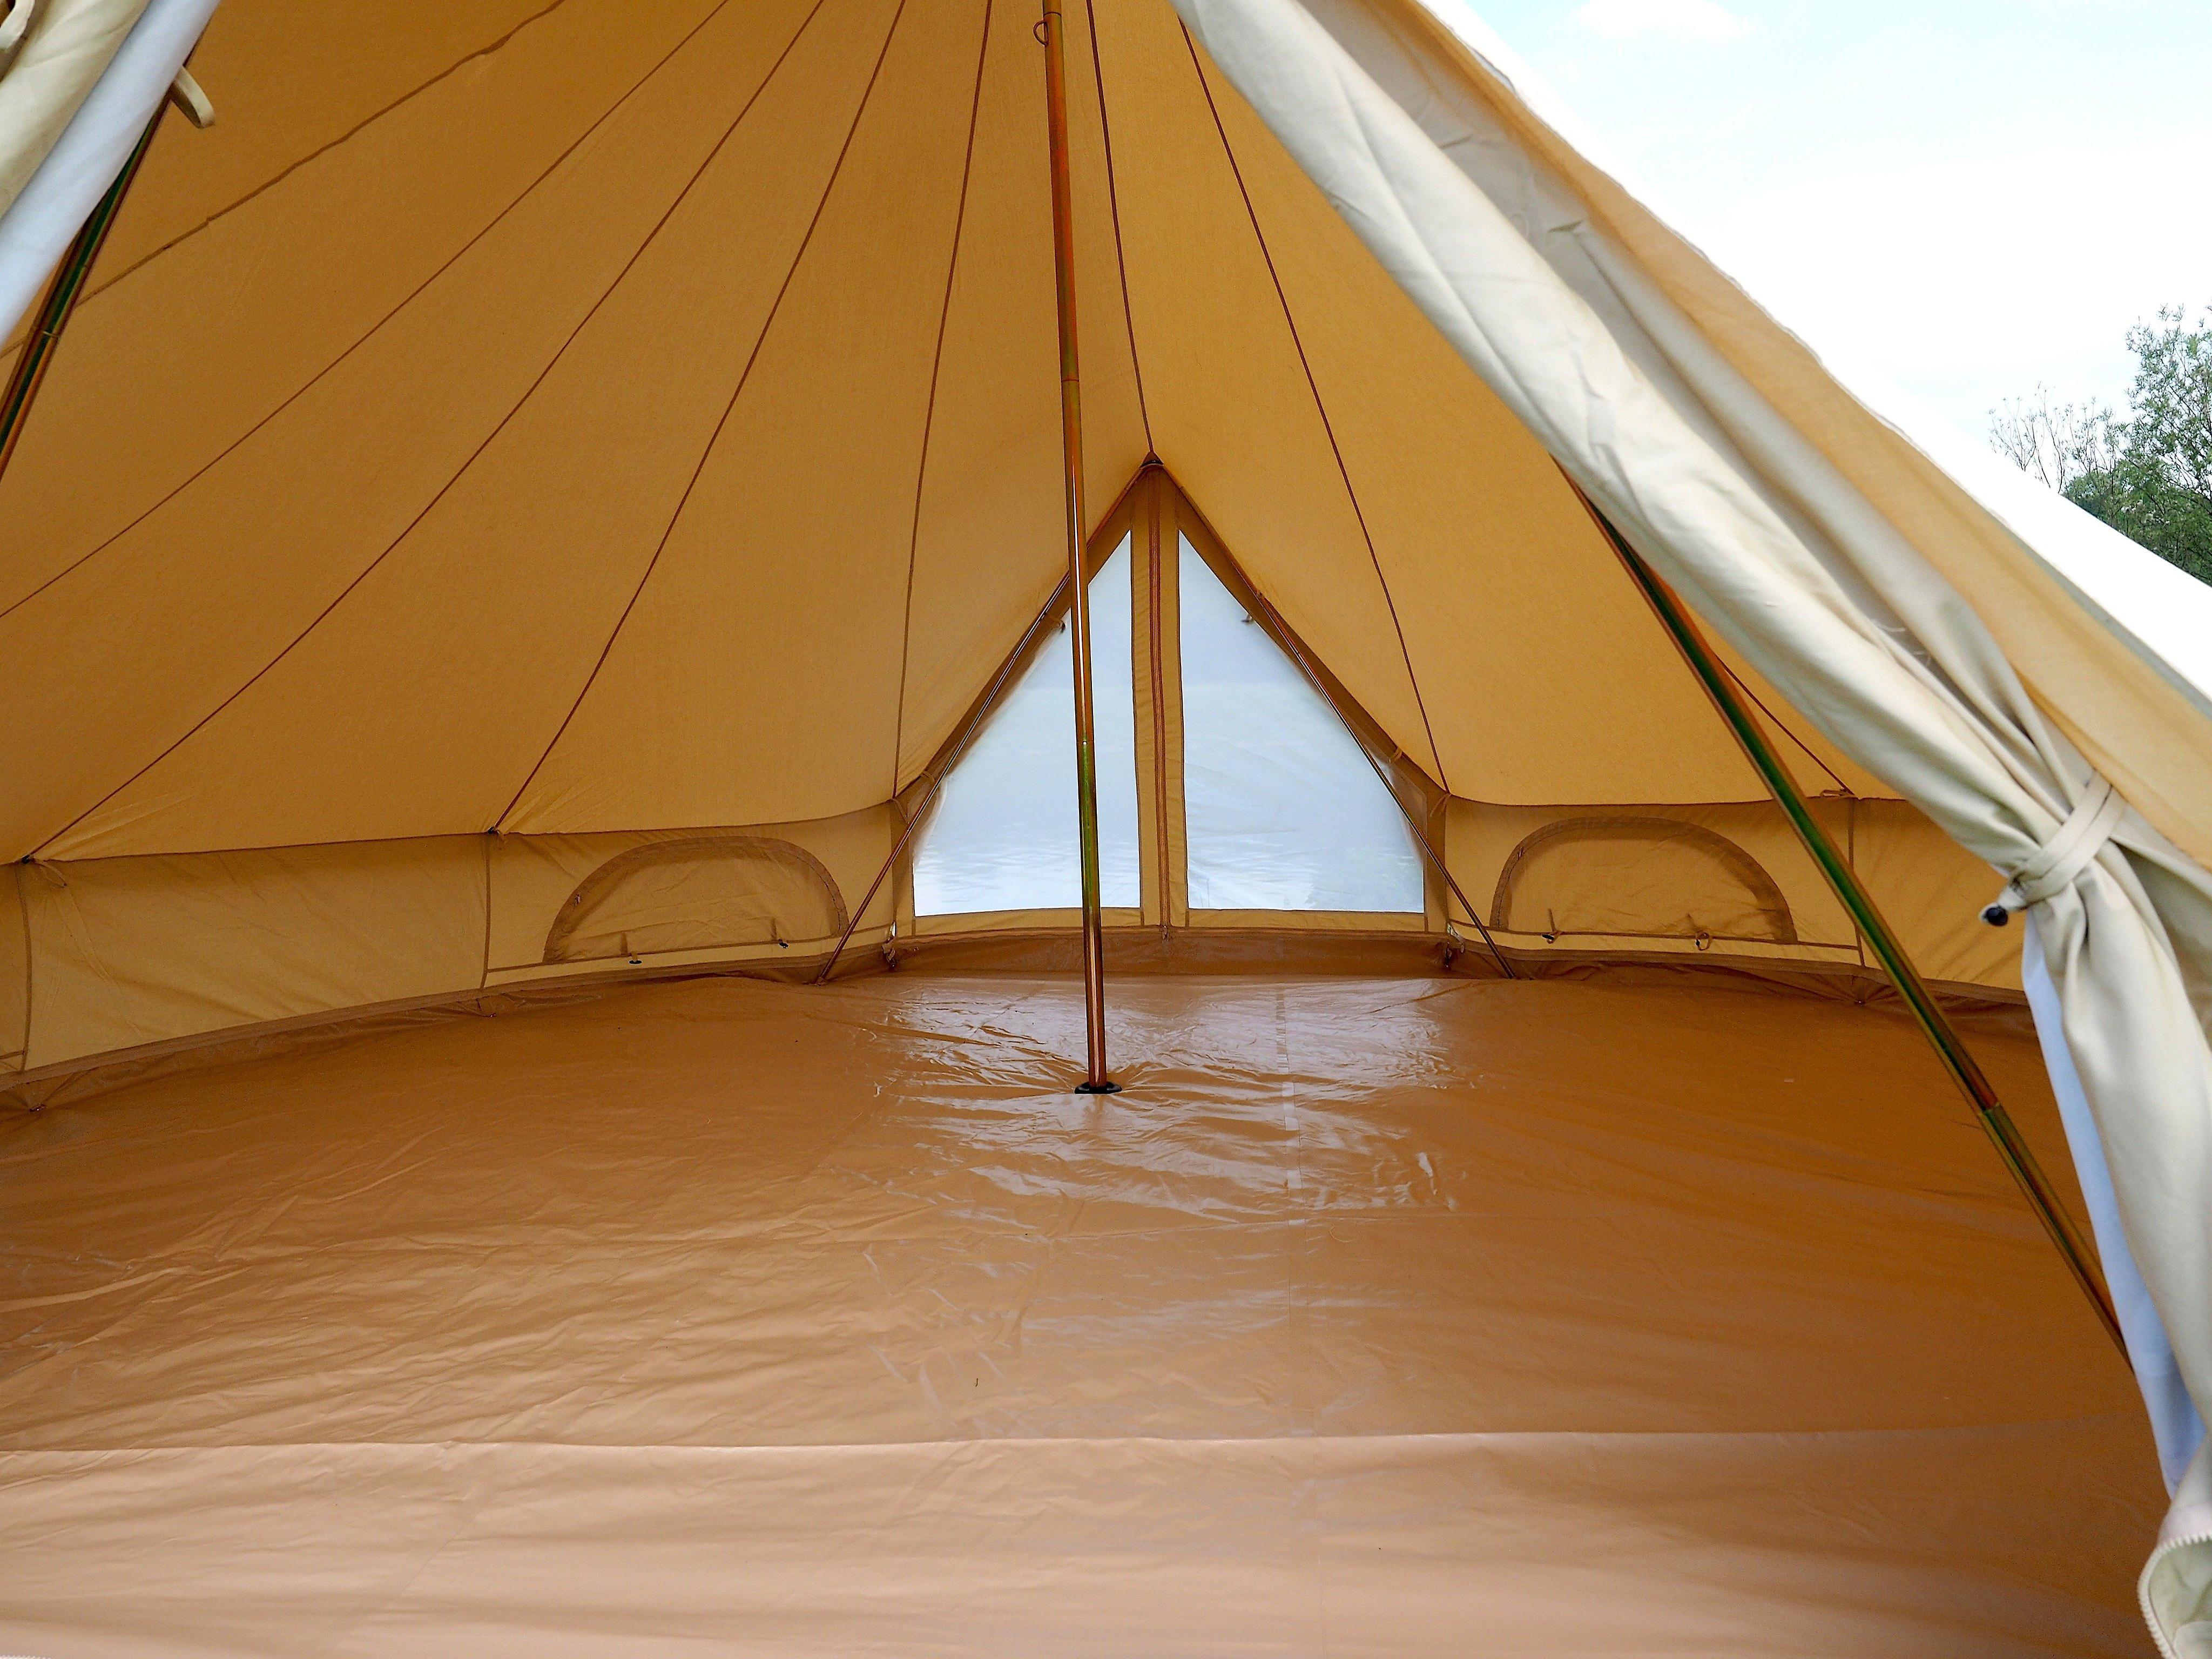 6M Double Door Canvas Bell Tent